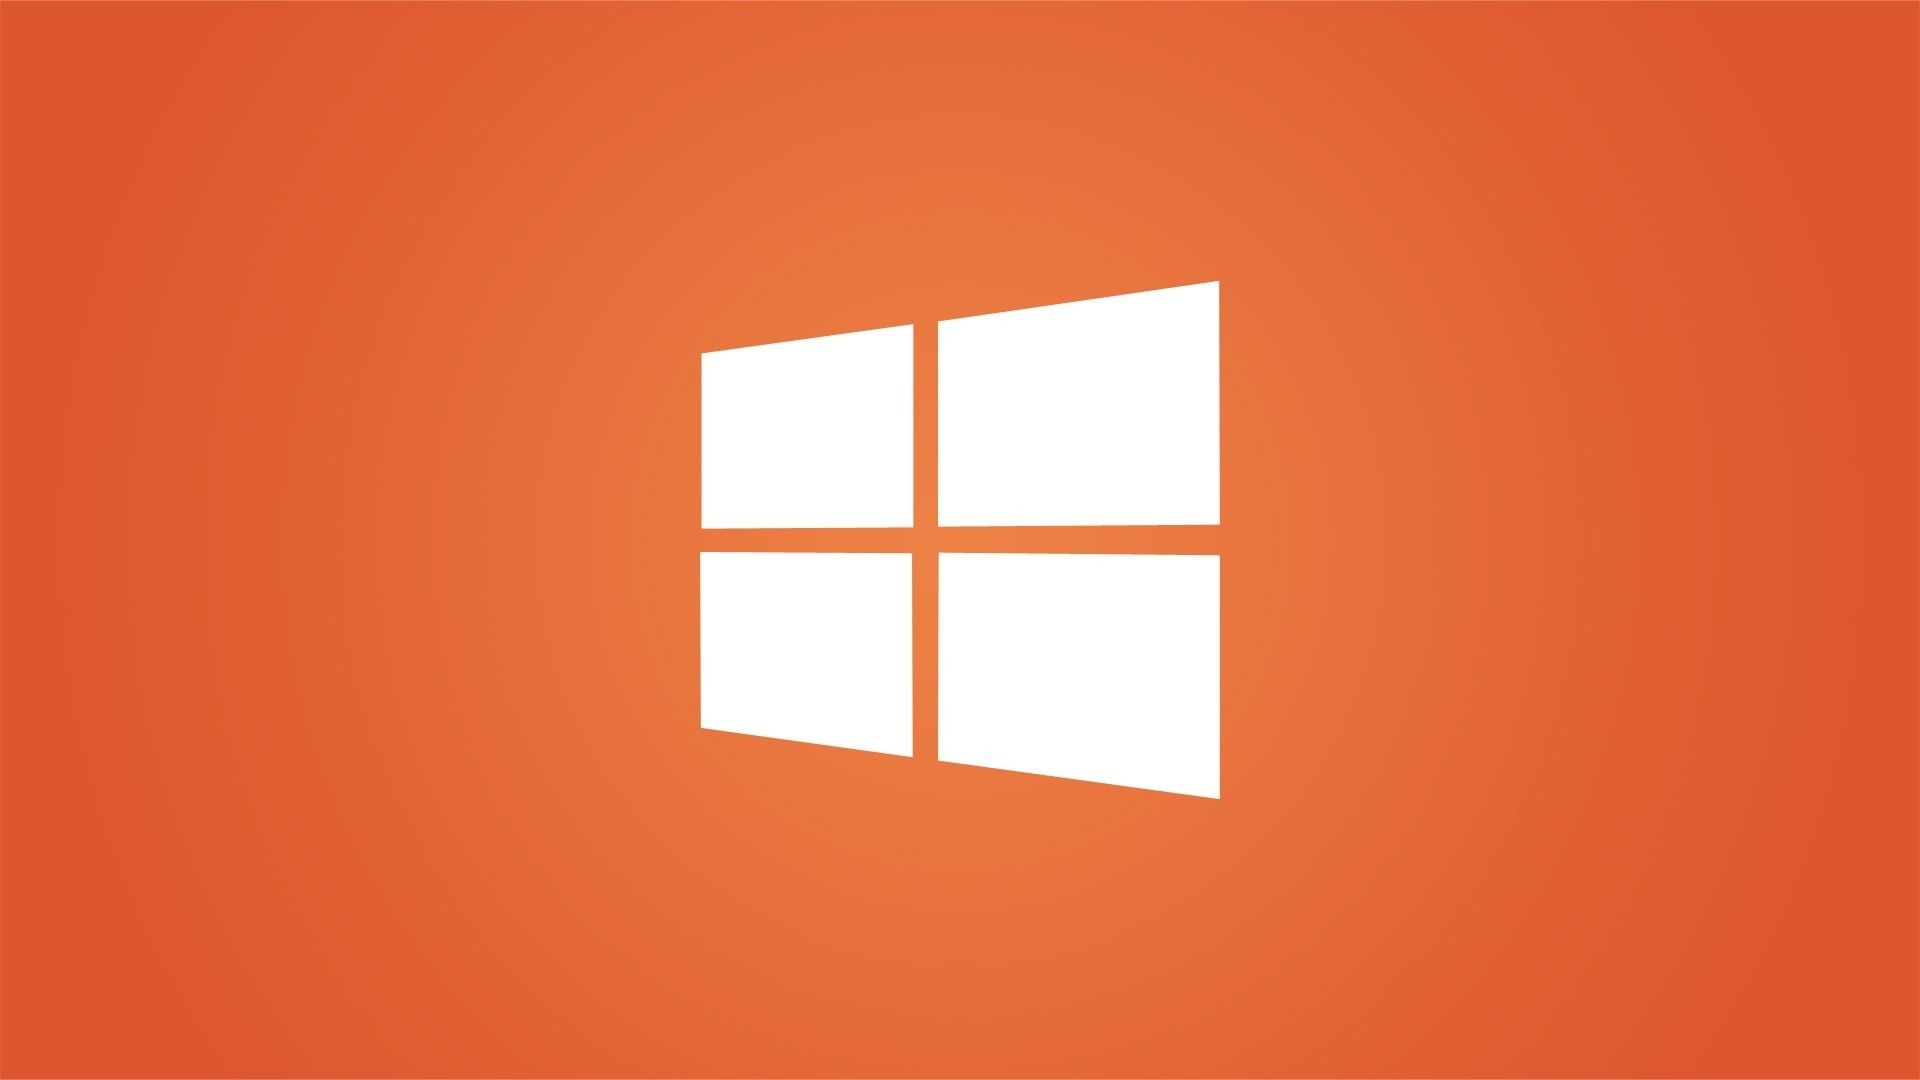 Clean Windows 8 White Logo on Orange